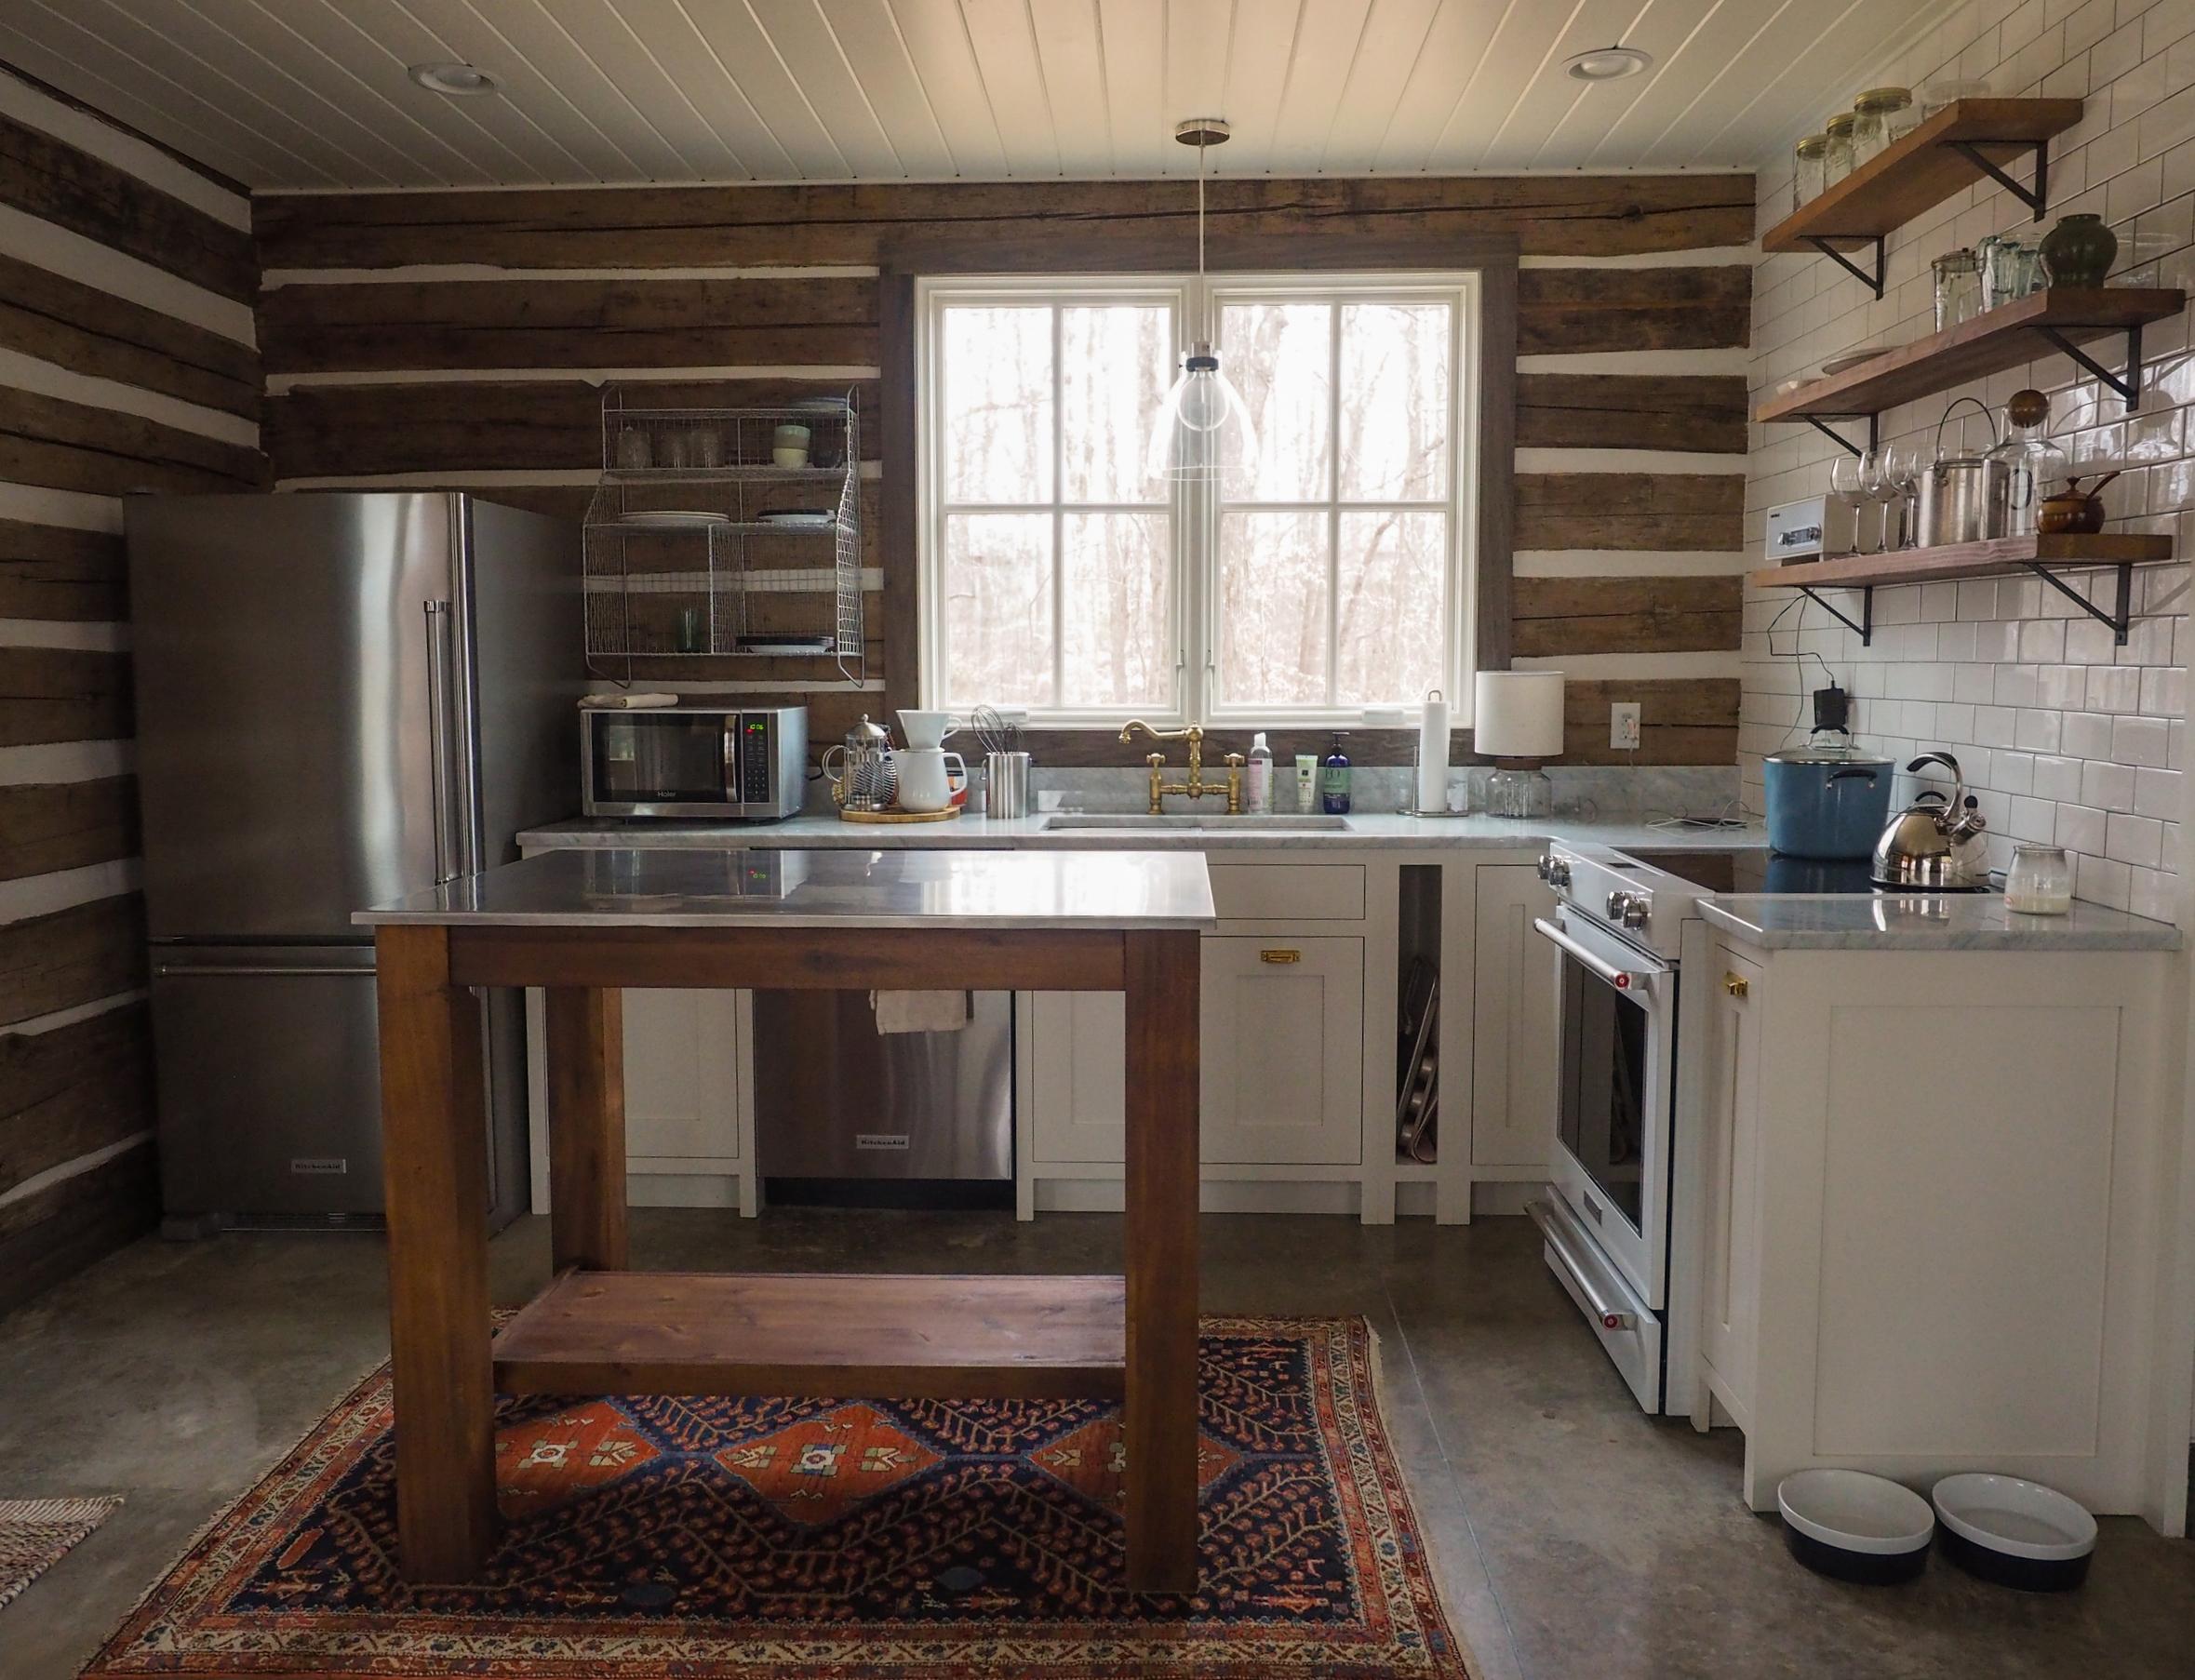 Reardenstein Kitchen (11 of 15).jpg